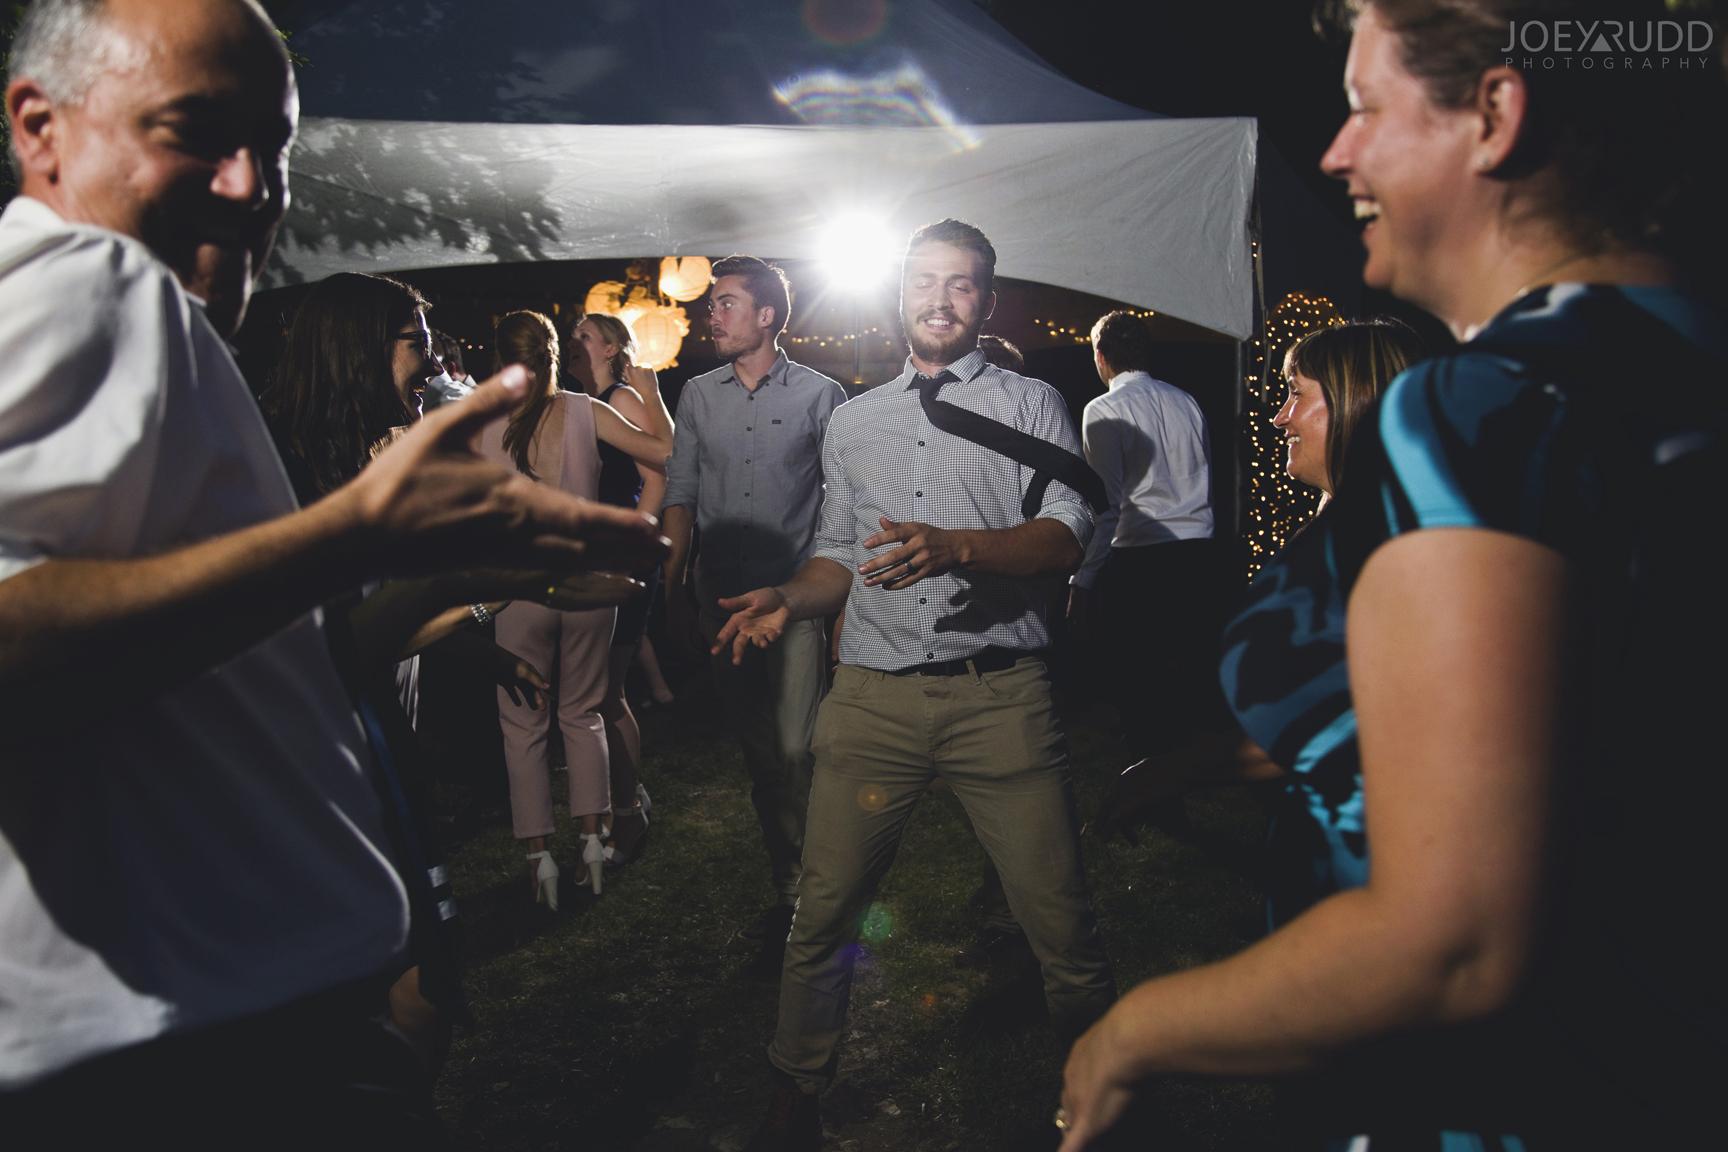 Backyard Kingston Wedding by Ottawa Wedding Photographer Joey Rudd Photography Dancing Candid